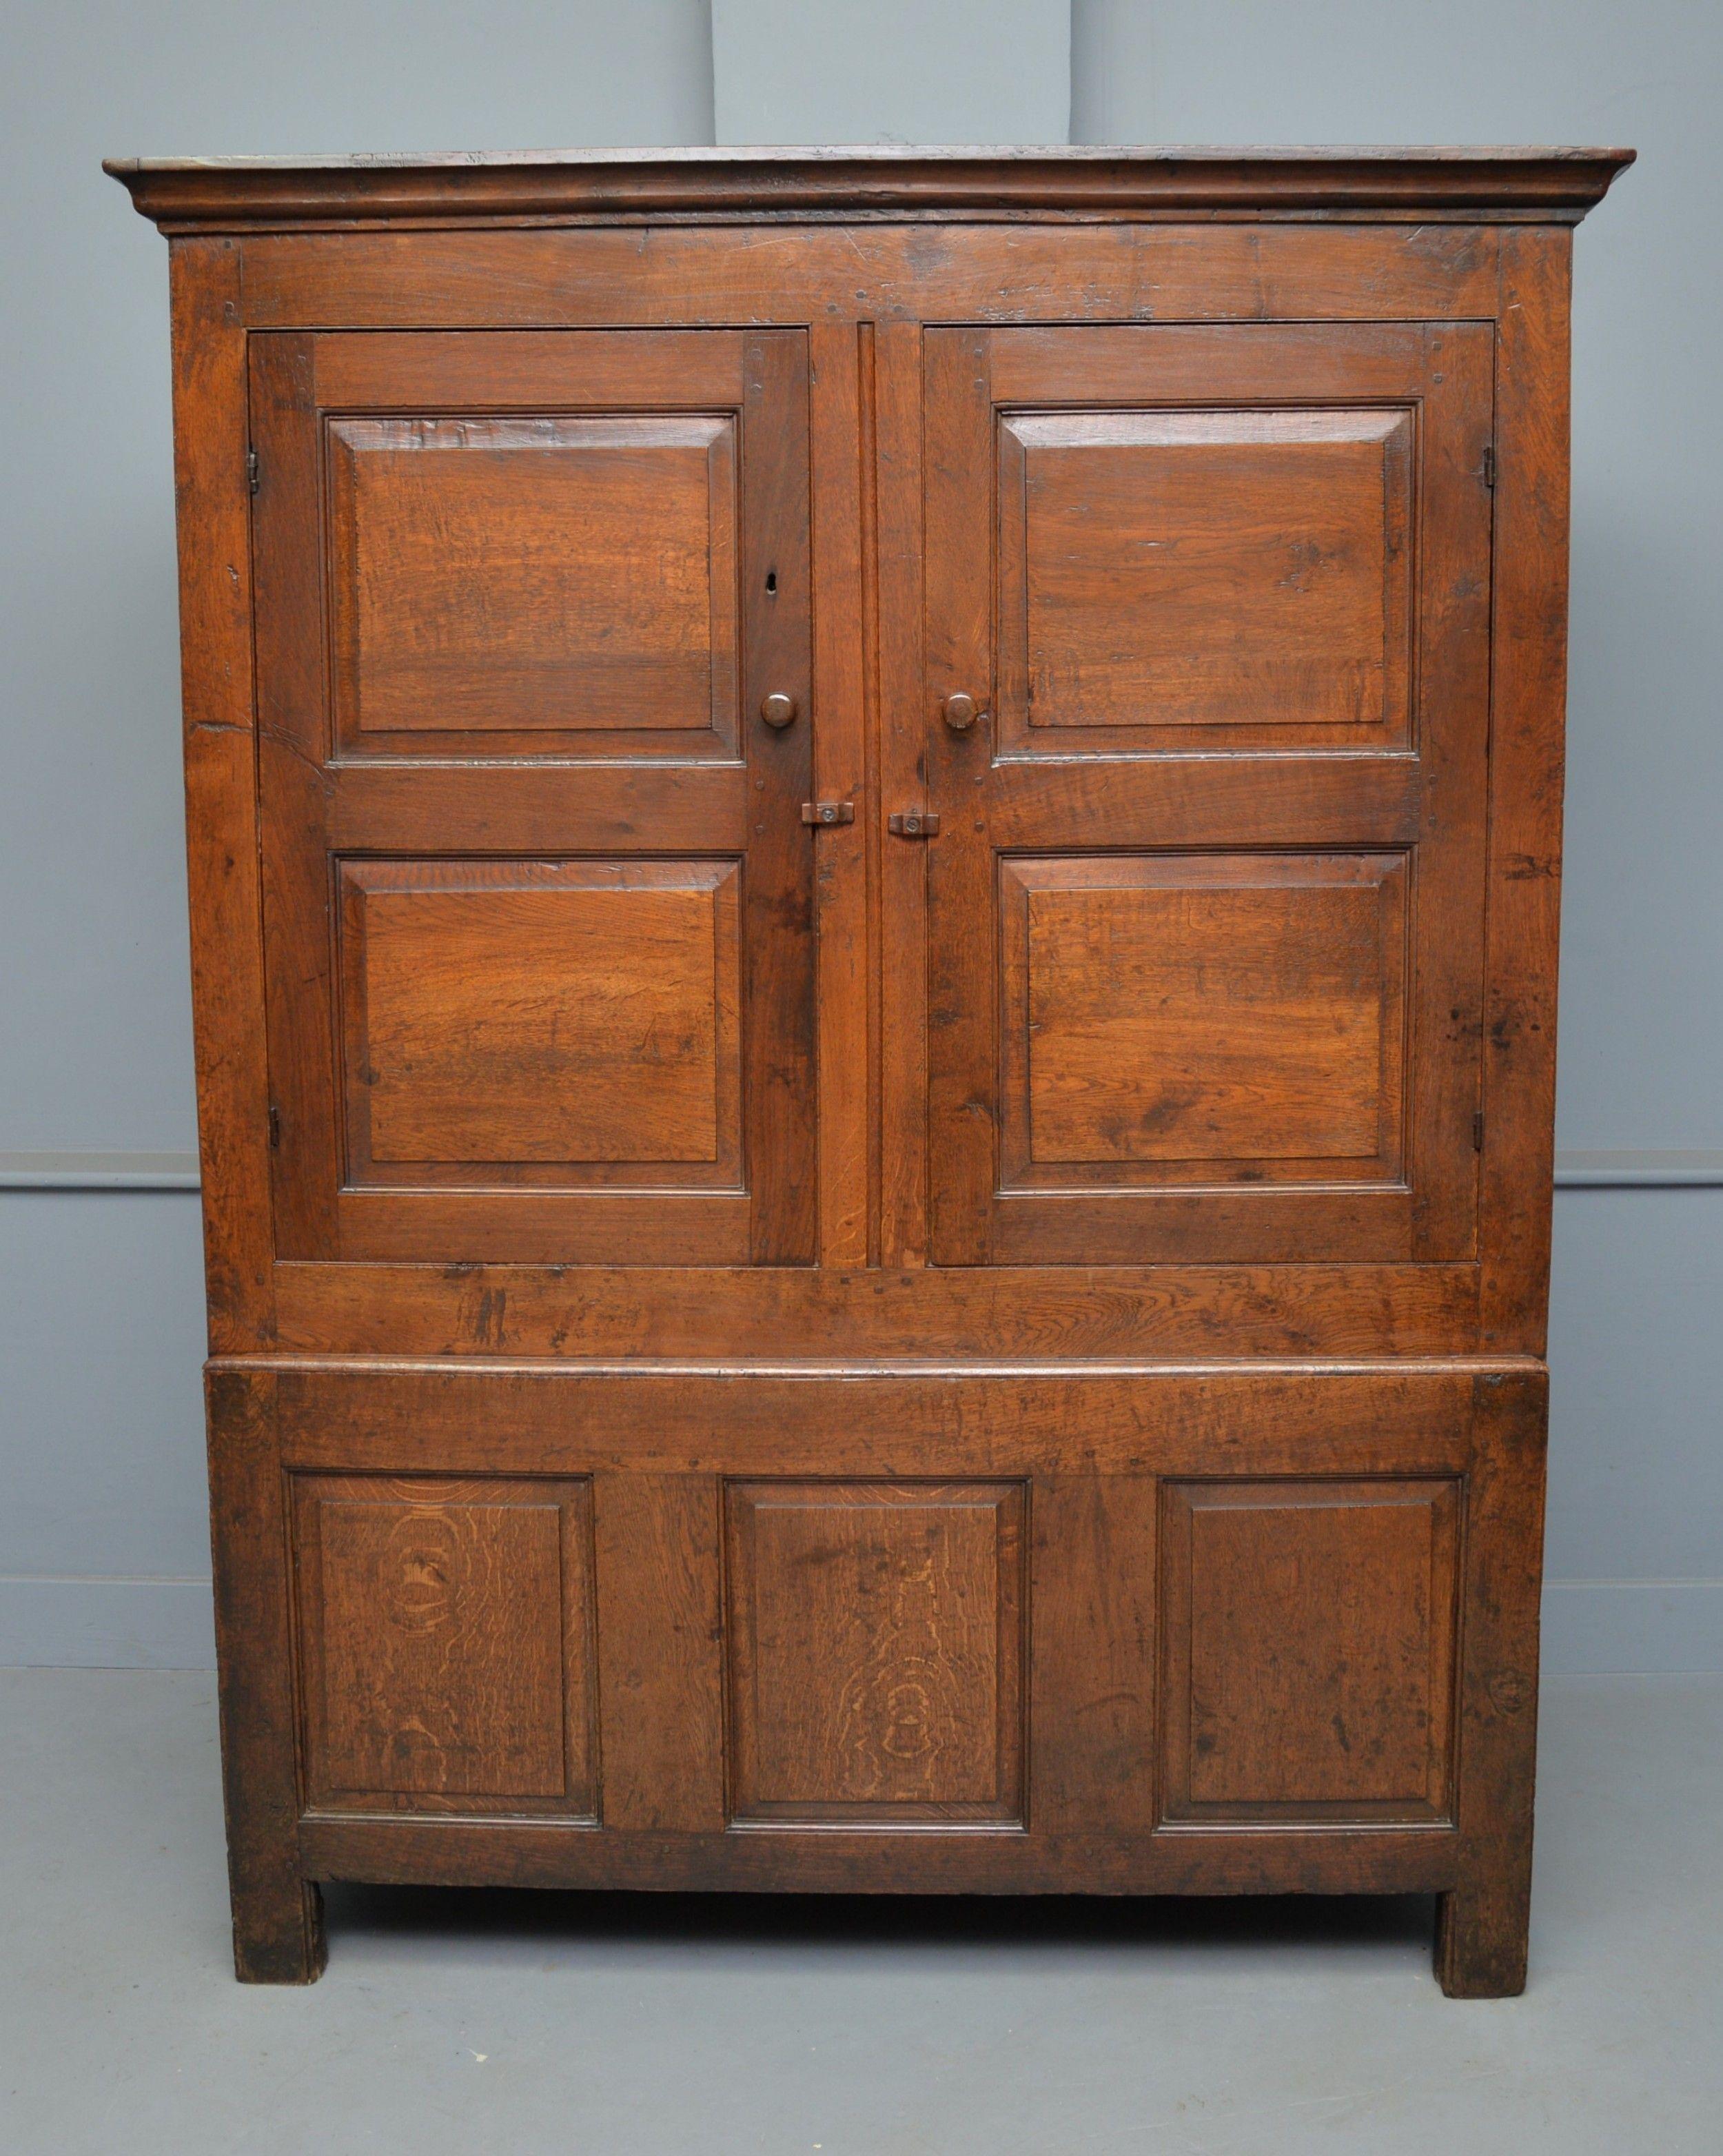 Charming 18th Century Oak Two Part Livery Cupboard Wardrobe 652613 Sellingantiques Co Uk In 2020 Cupboard Wardrobe Oak 18th Century